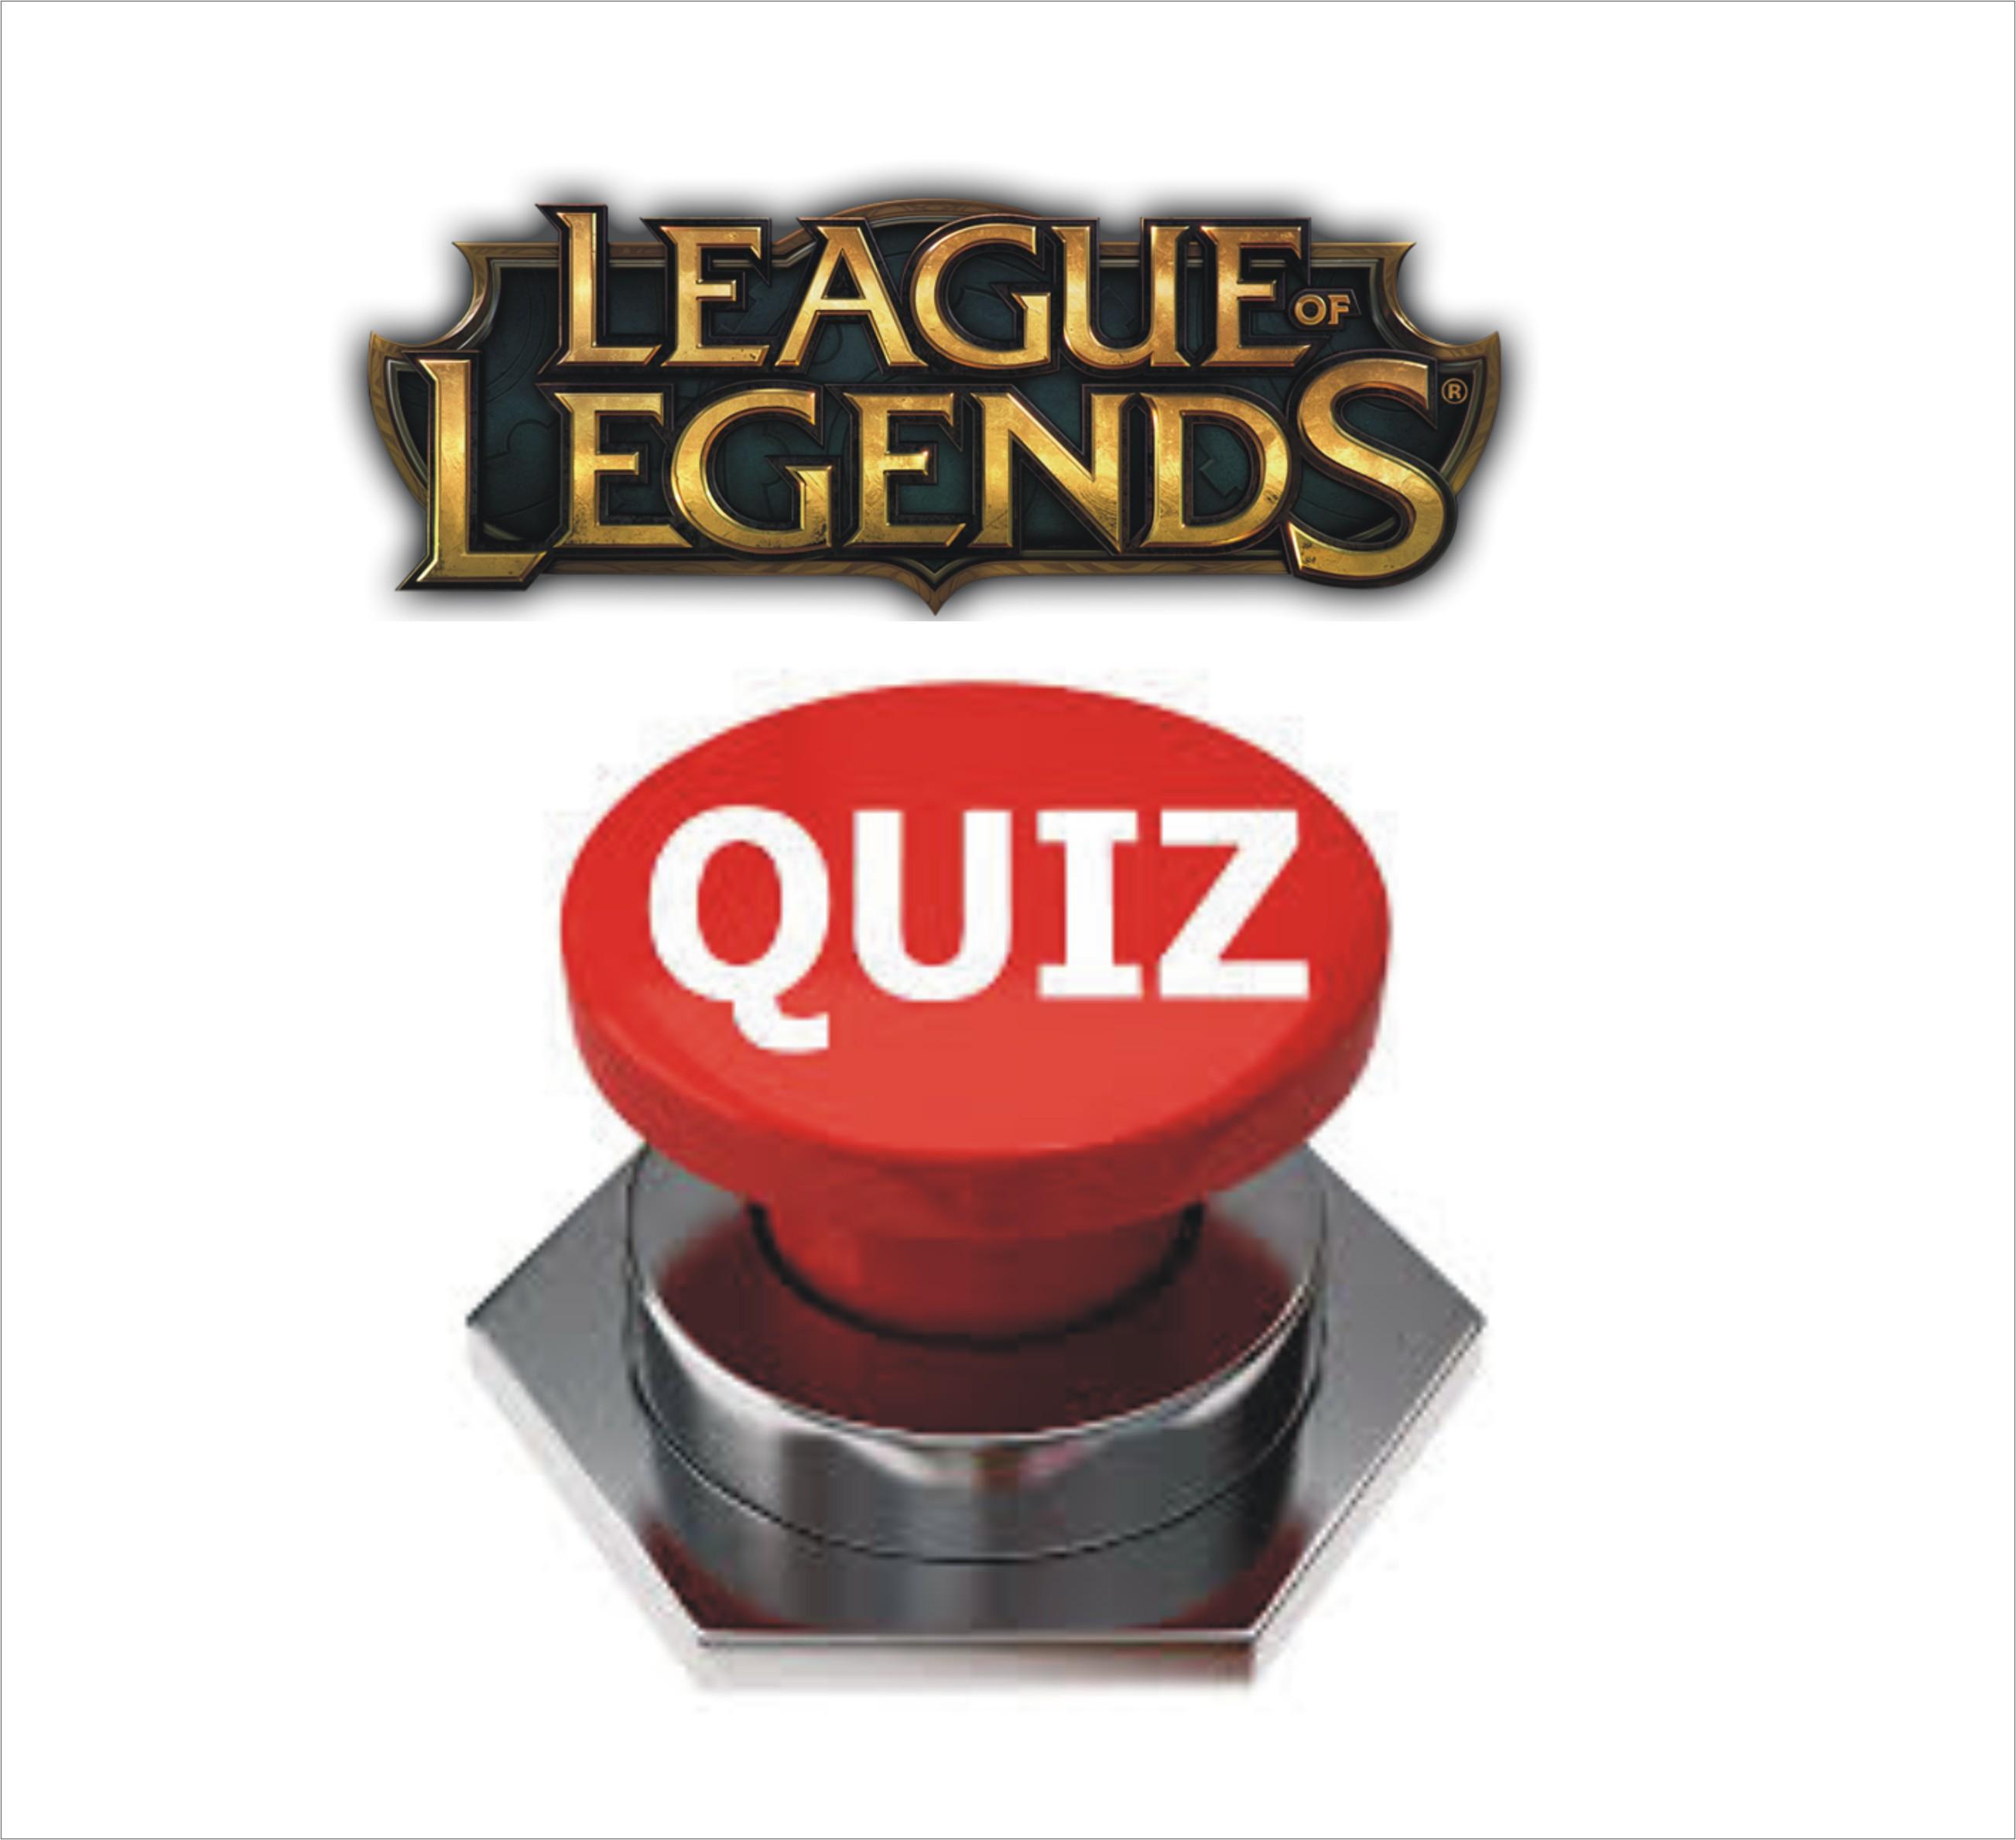 League of Legends Quiz